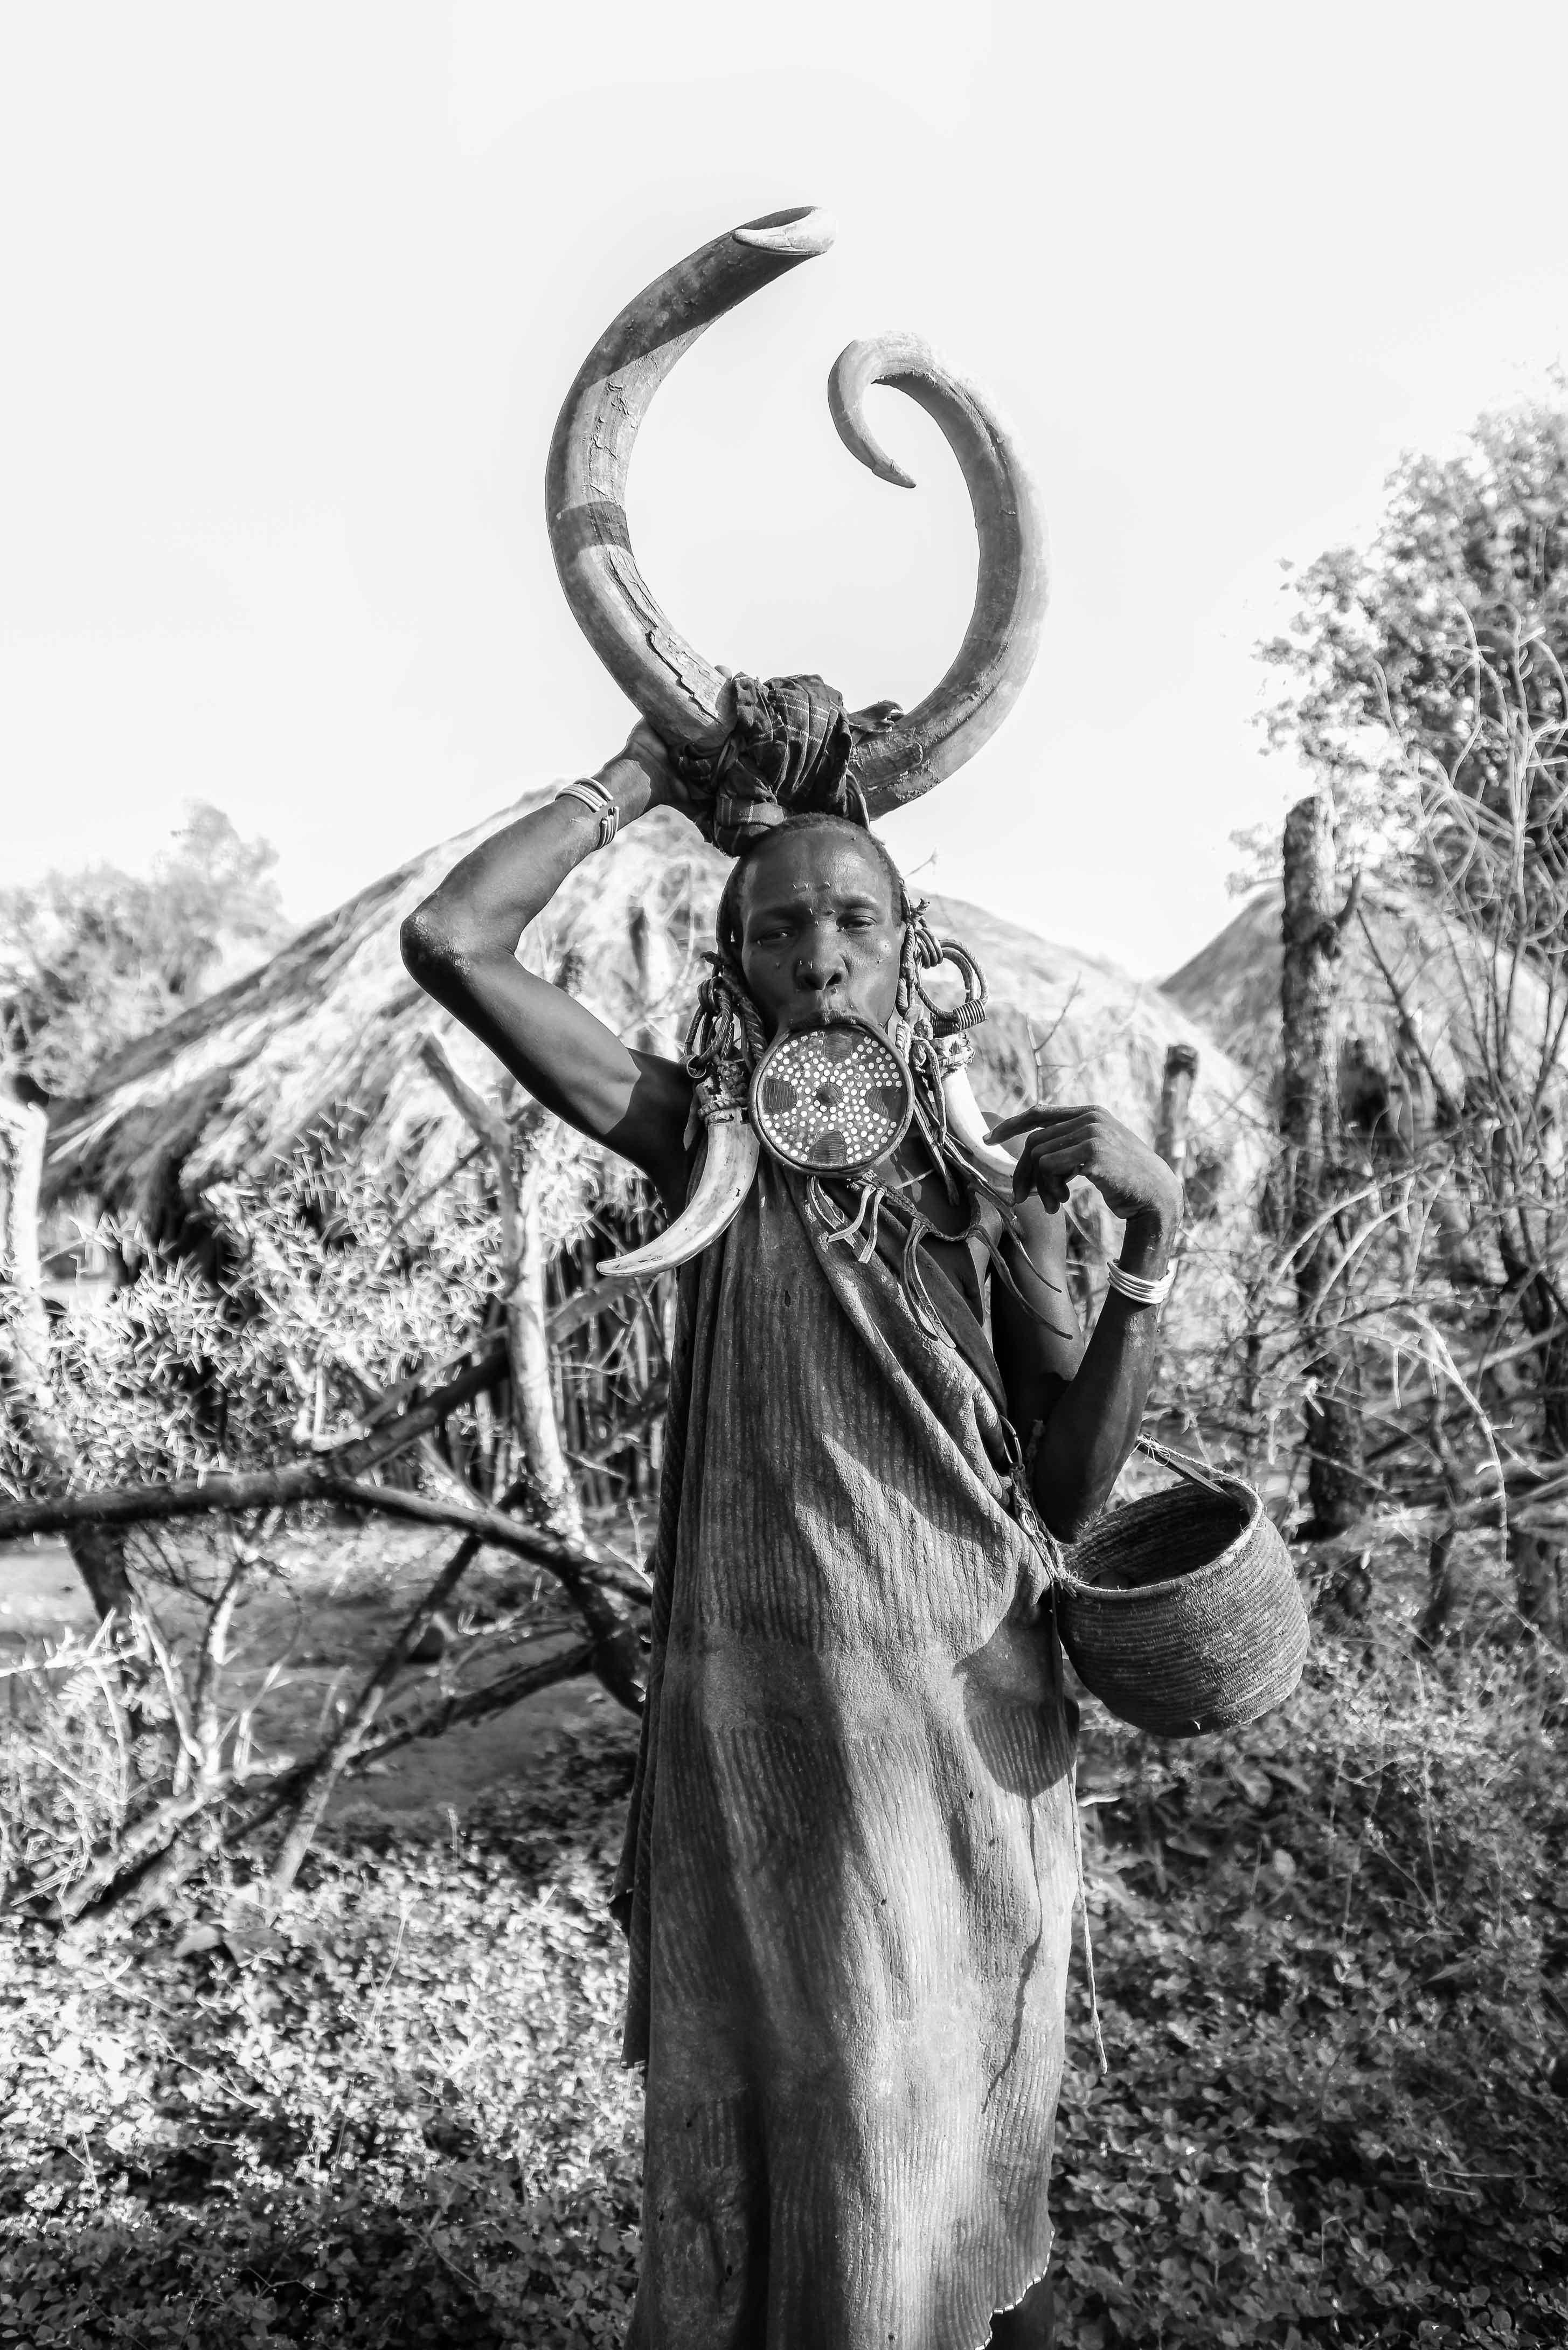 Etioopia lõunaosas asuva mursi hõimu juures on kehade muundamine igapäevane nähtus. Foto: Flickri kasutaja Rod Waddington (CC BY 2.0)